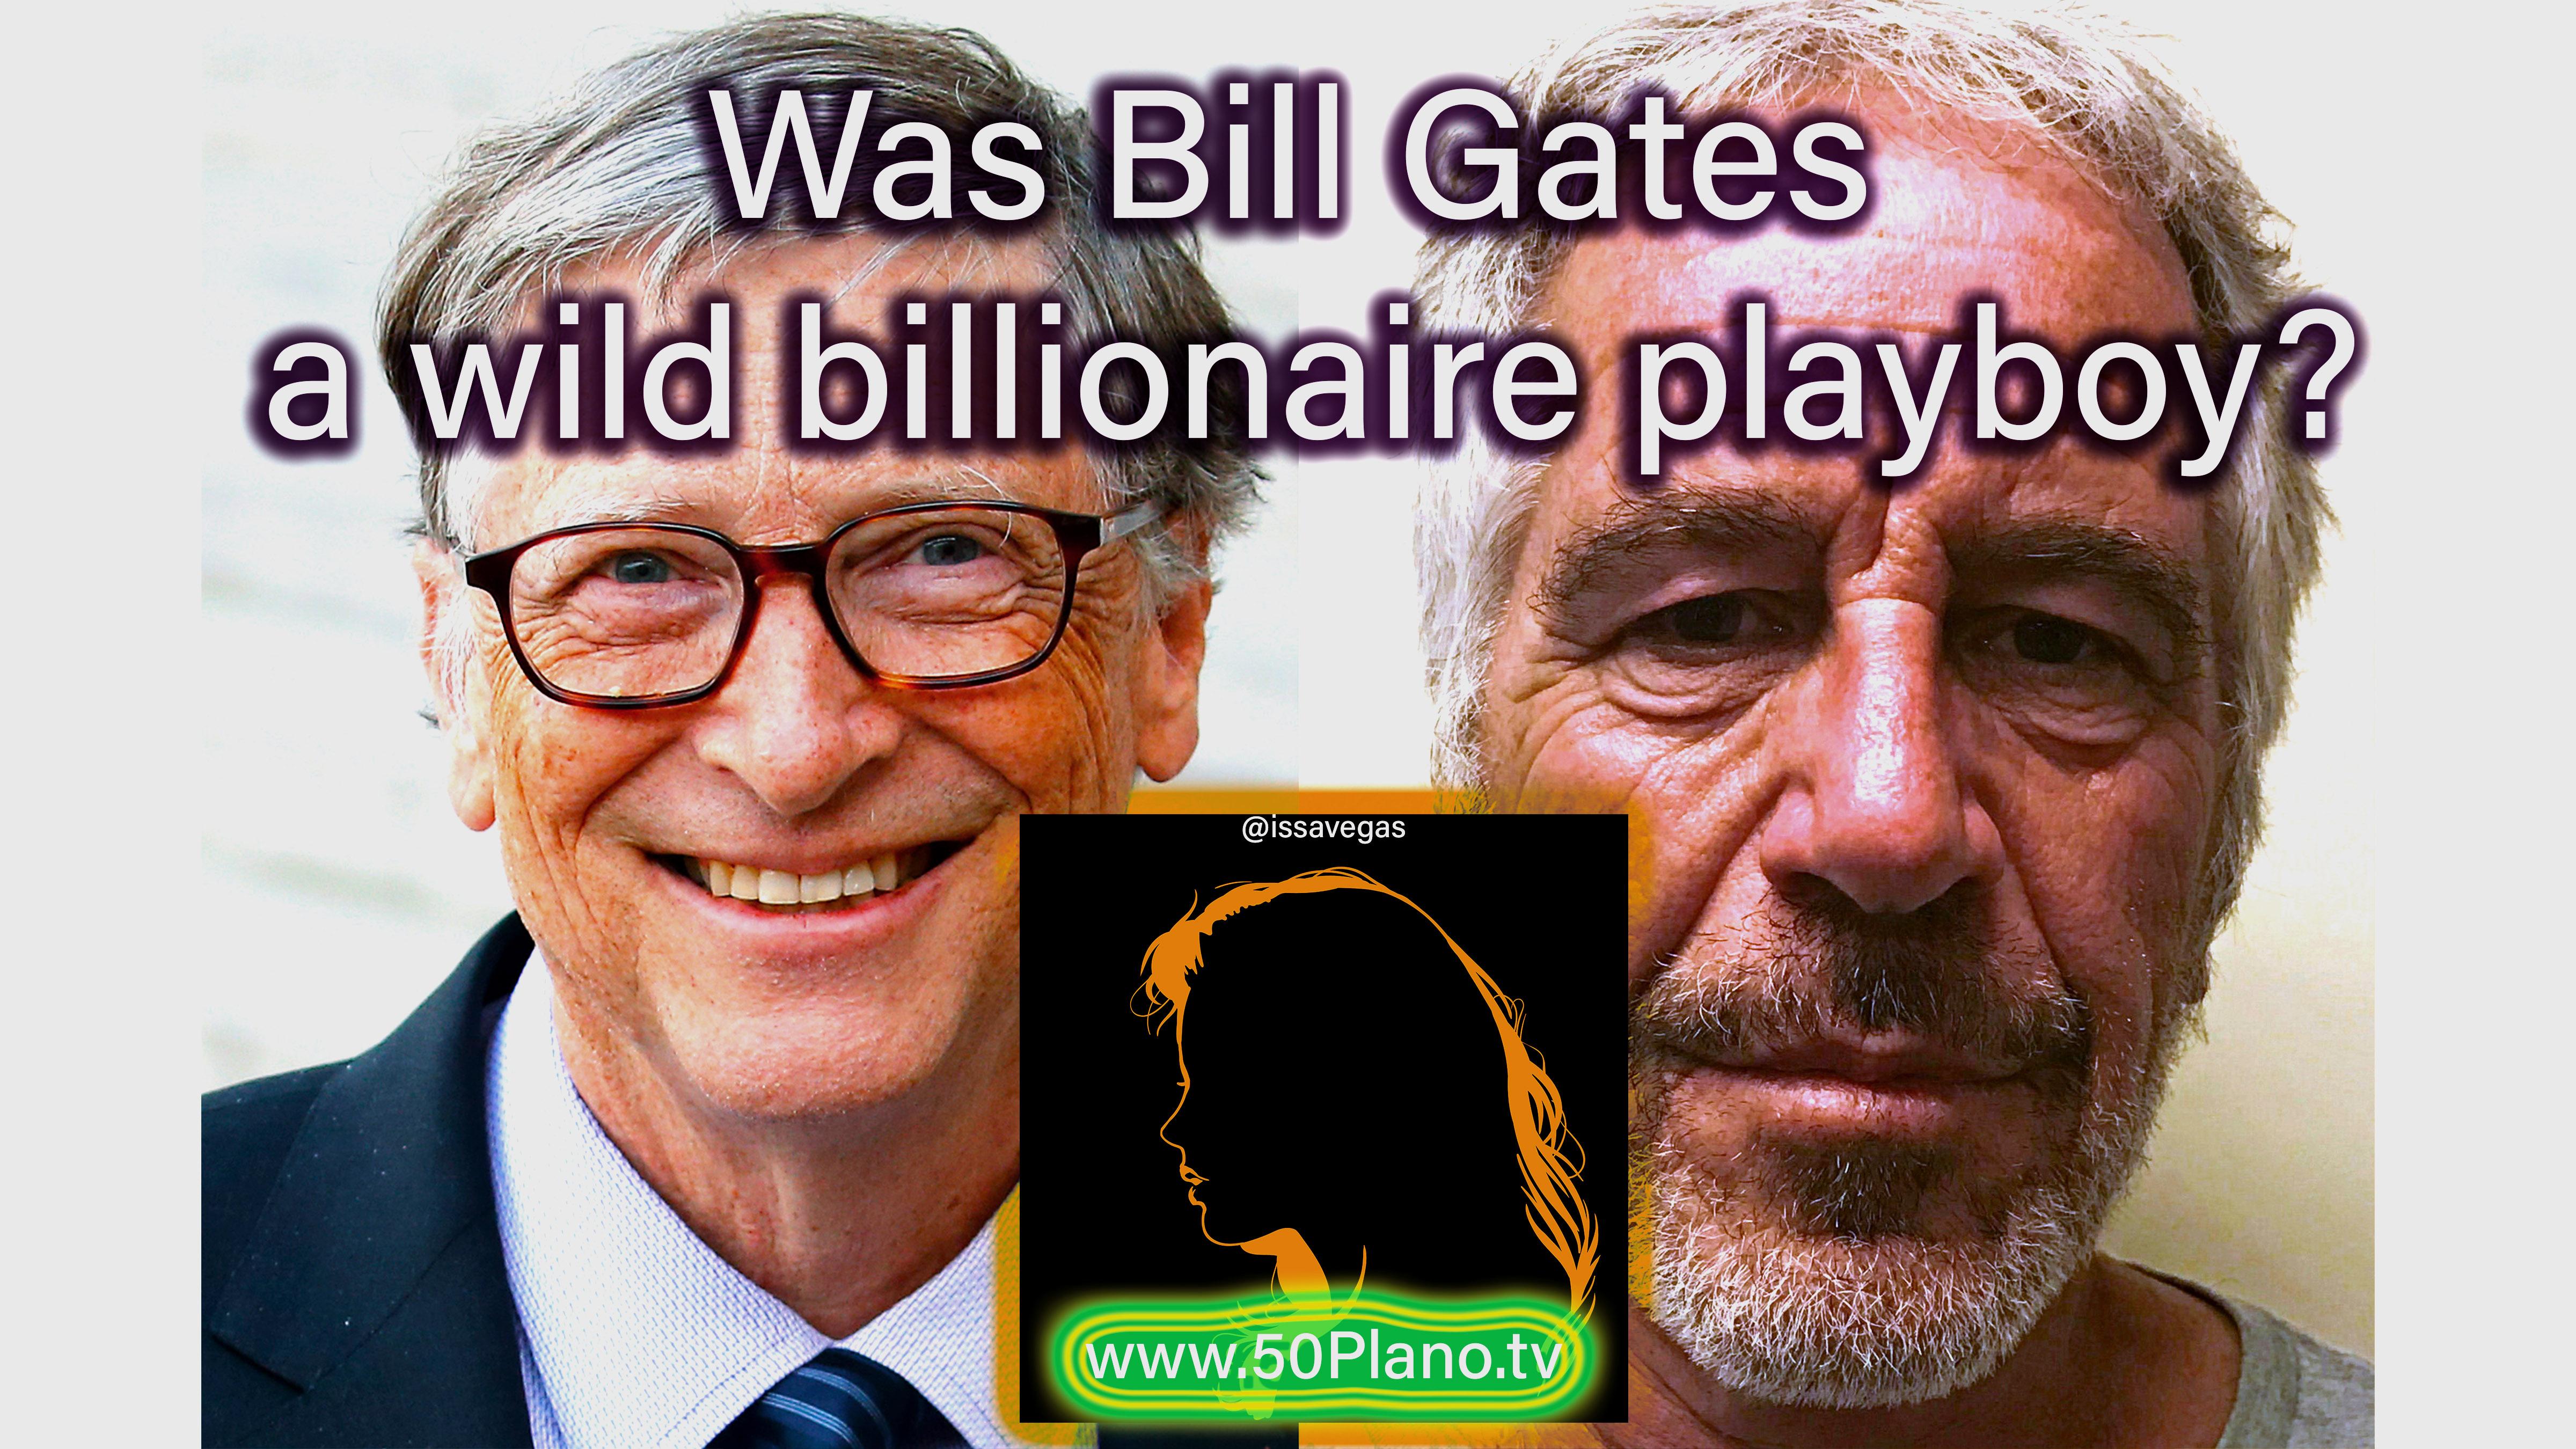 Was Bill Gates a wild billionaire playboy?